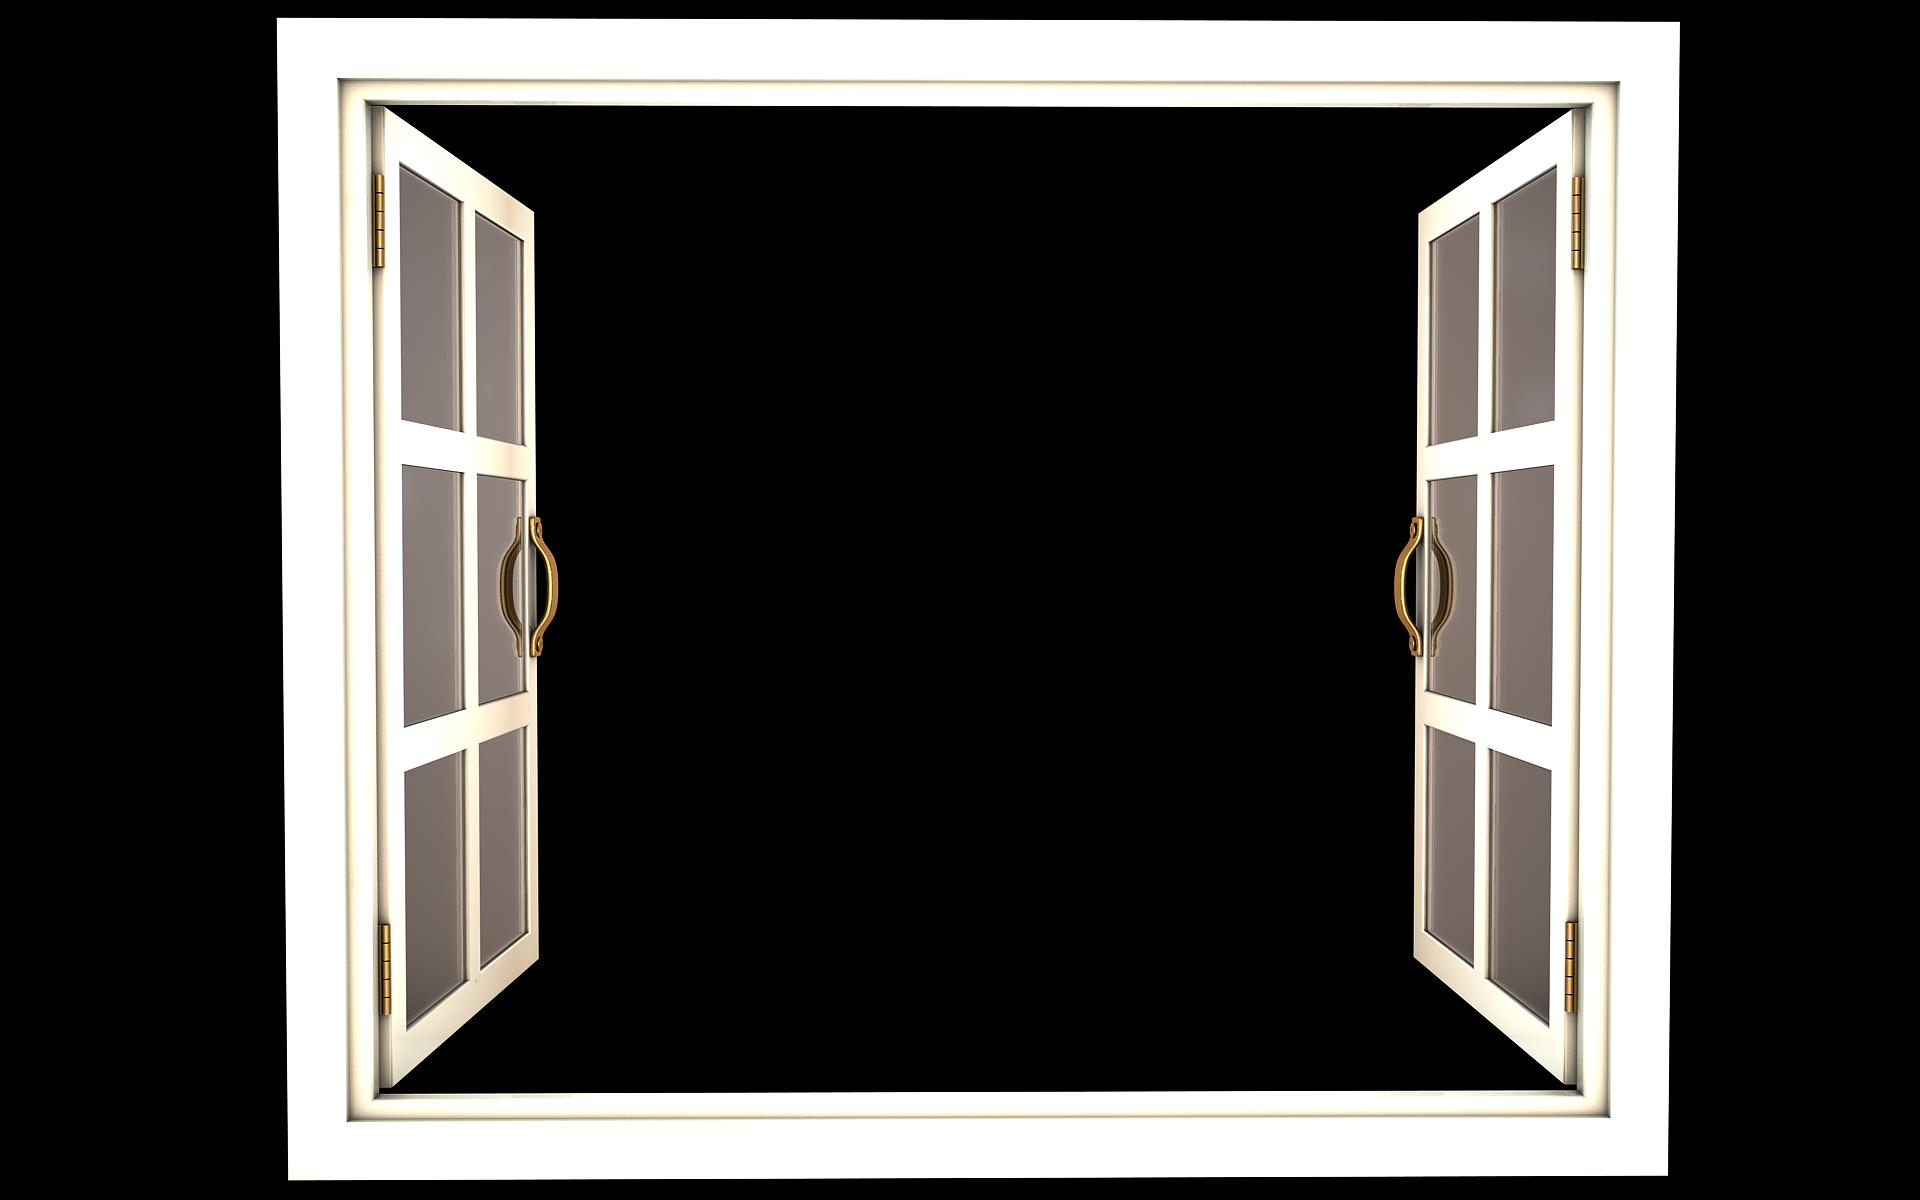 Tfa frames pinterest windowpngpng. Window frame png